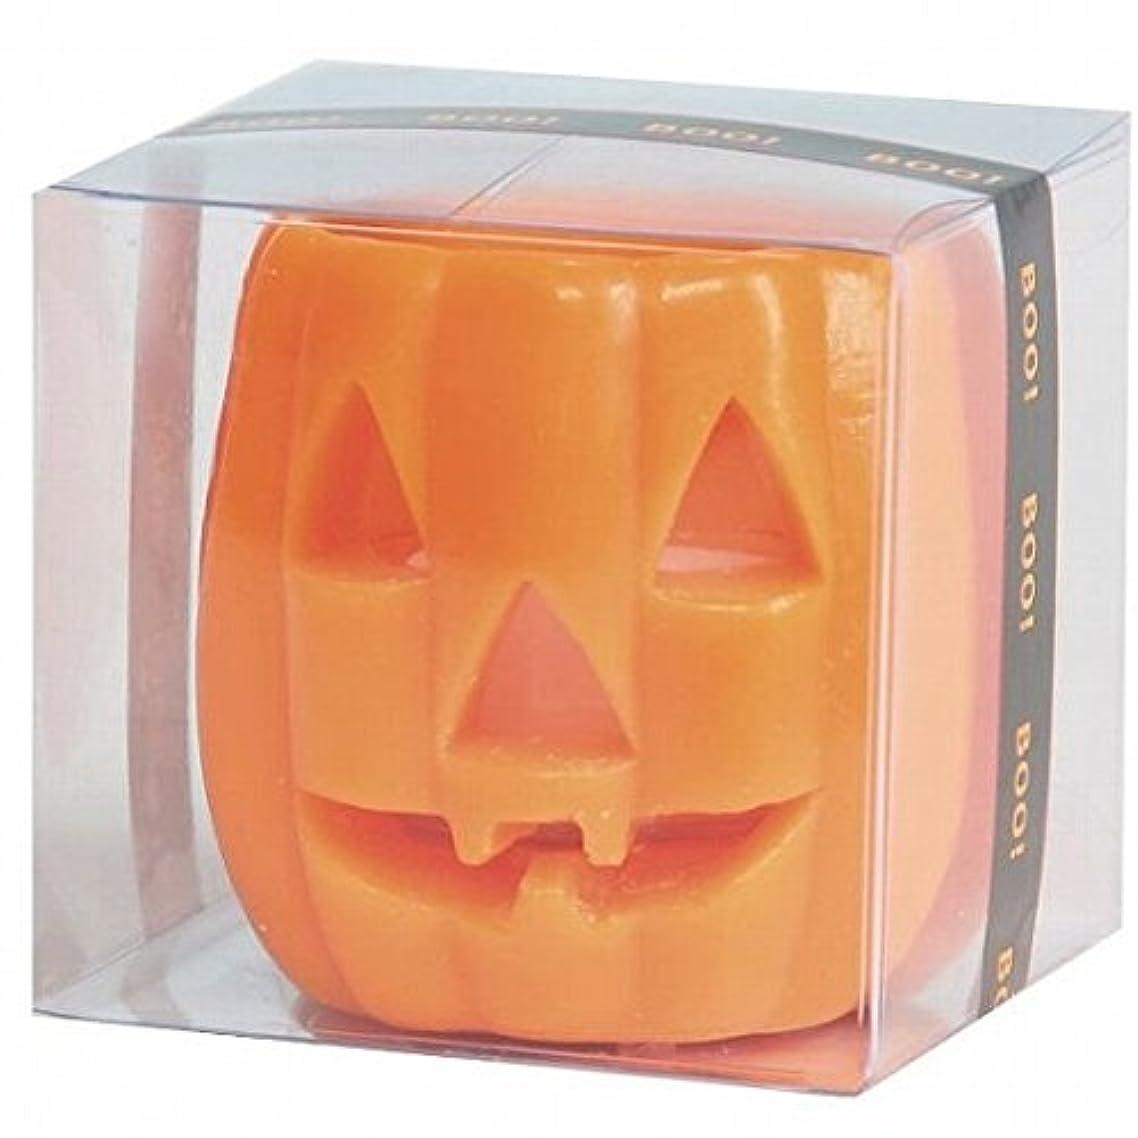 ブリッジグロー桁kameyama candle(カメヤマキャンドル) パンプキンフェイスS 「 オレンジ 」 キャンドル(55860000)